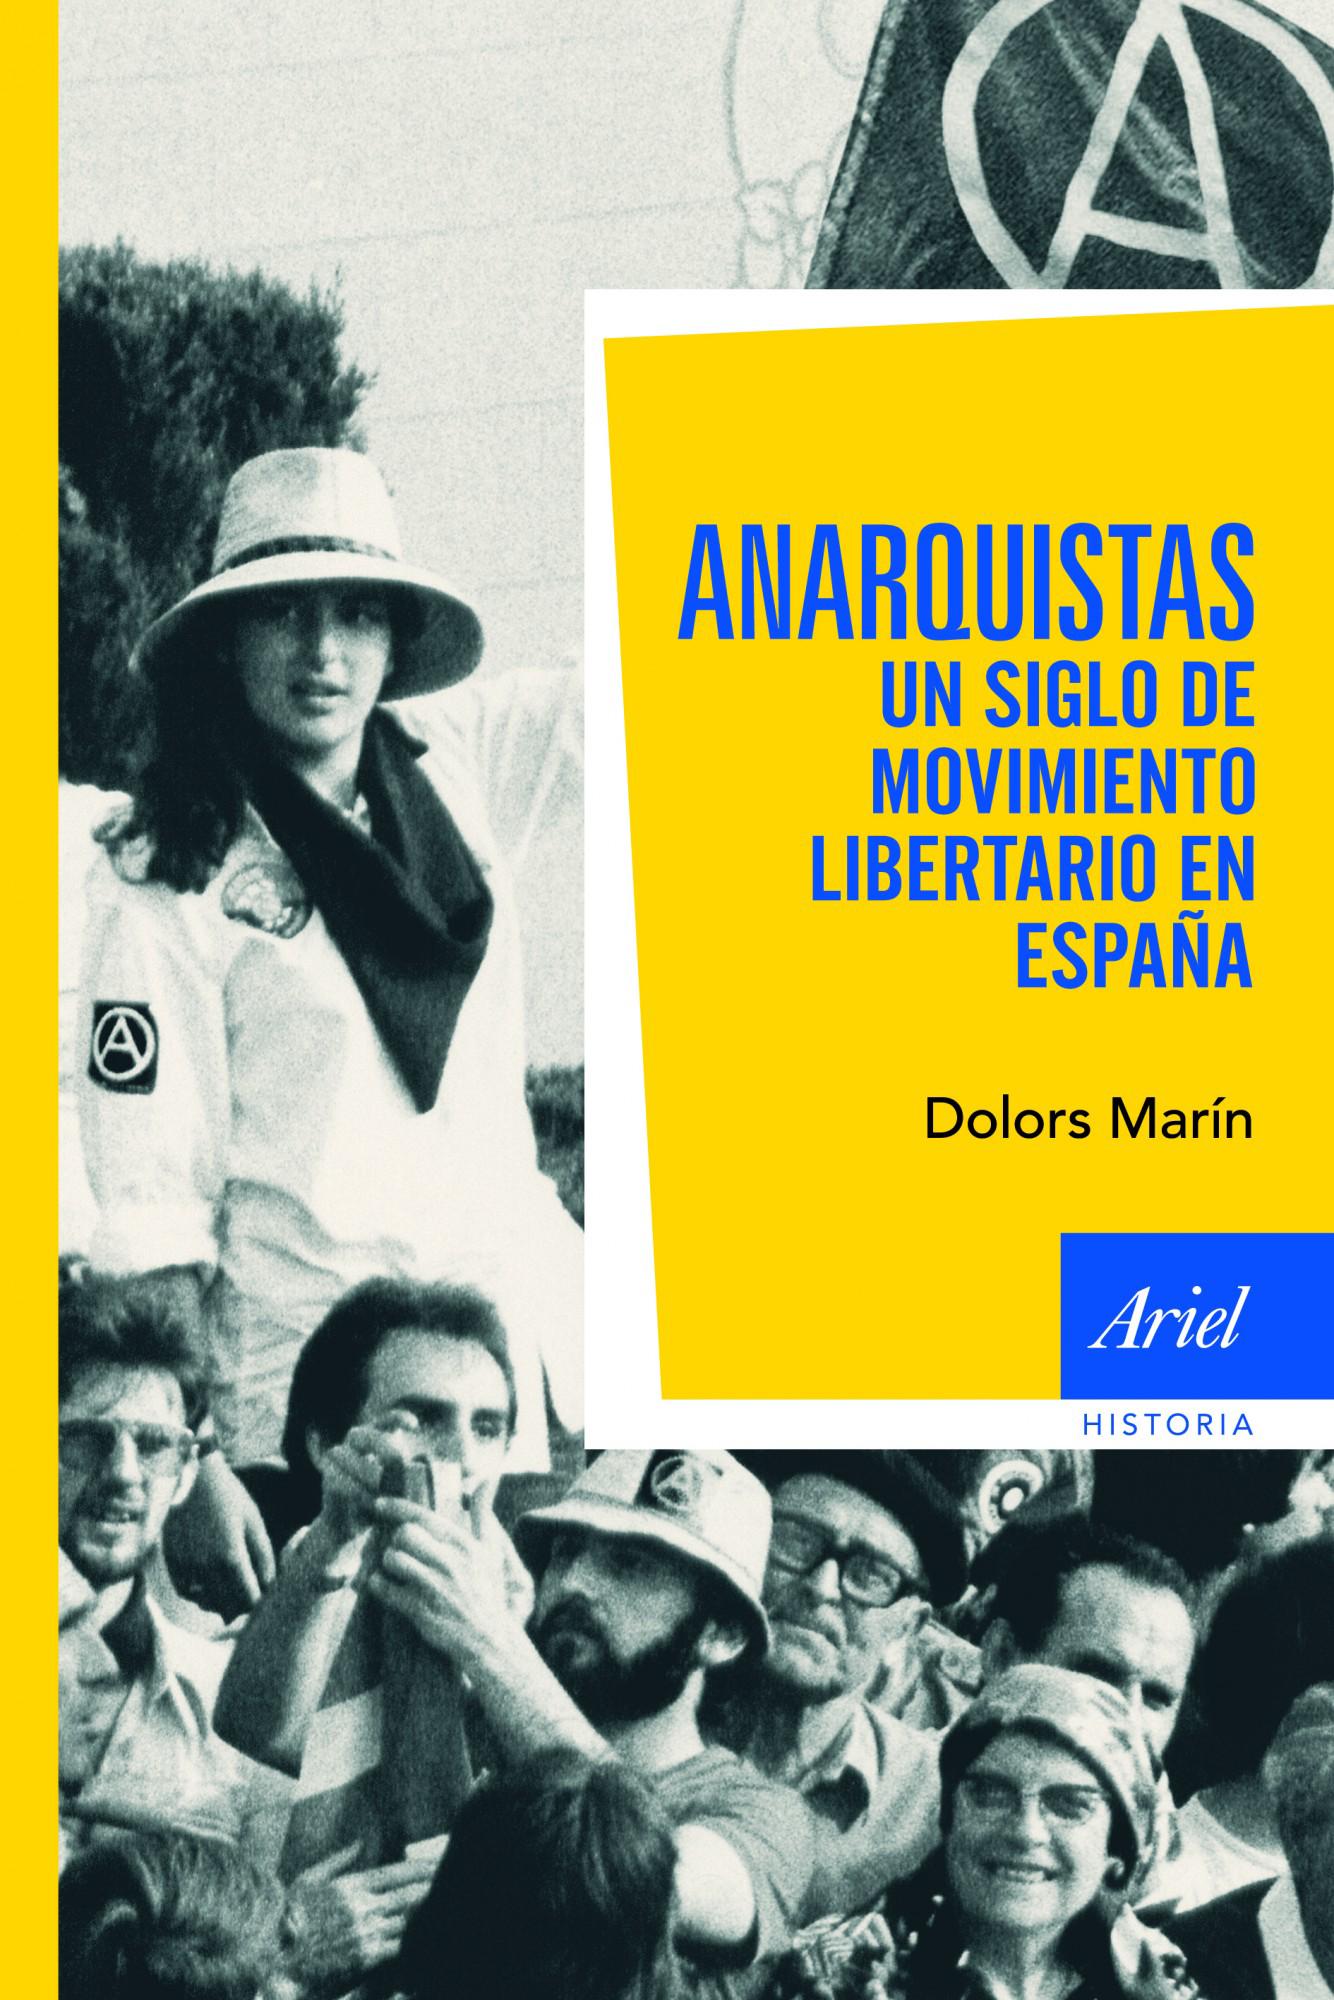 Anarquistas. Un siglo de movimiento libertario en España